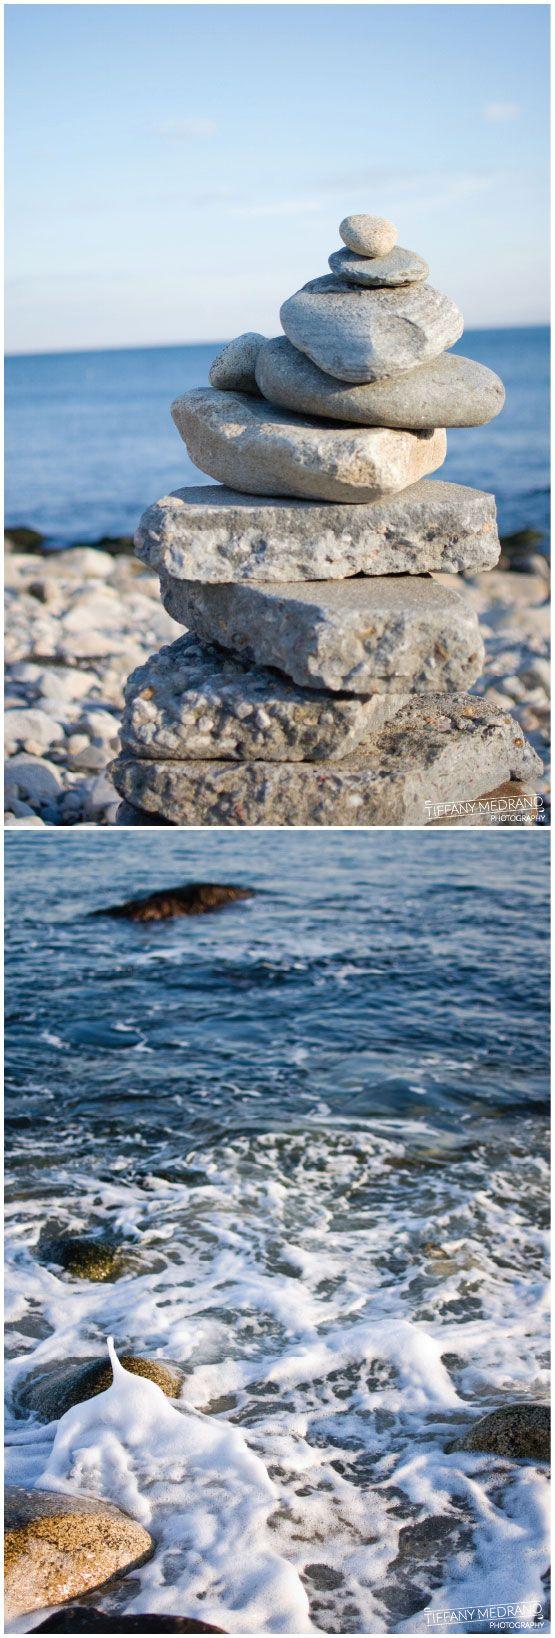 Cairn, a found rock sculpture - Narragansett, Rhode Island      #VisitRhodeIsland